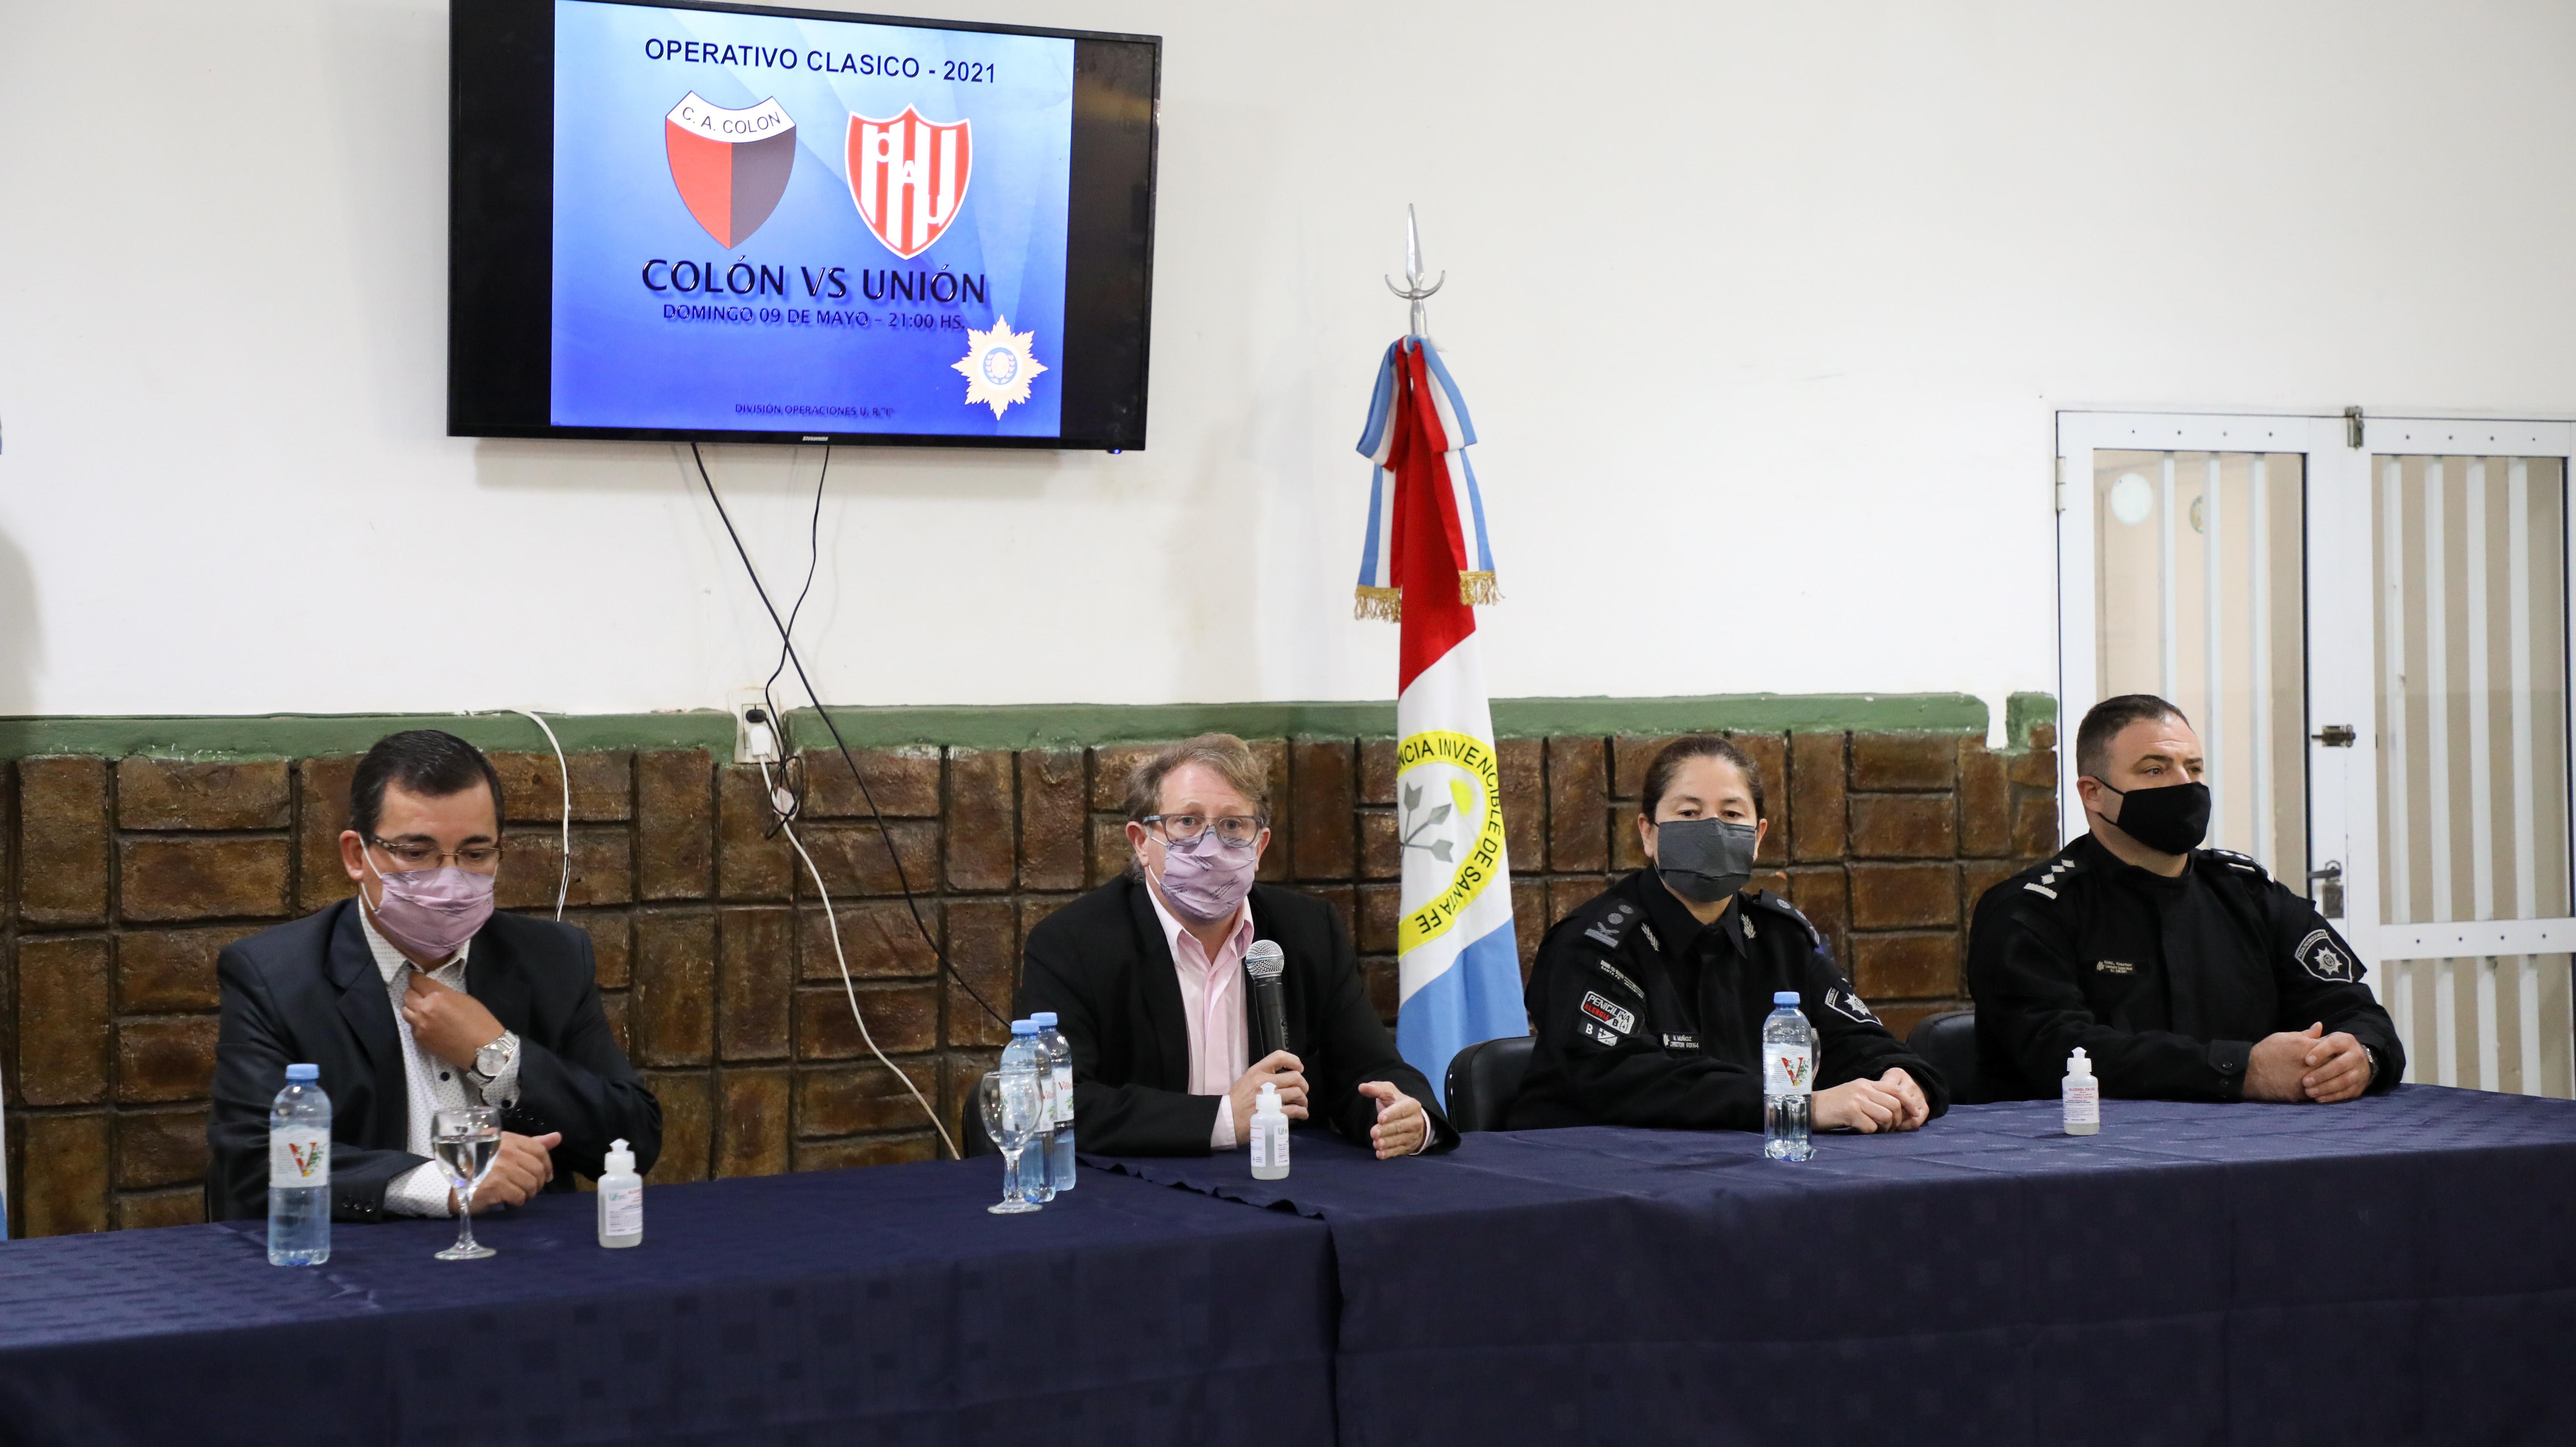 La provincia realizó la reunión operativa por el clásico santafesino